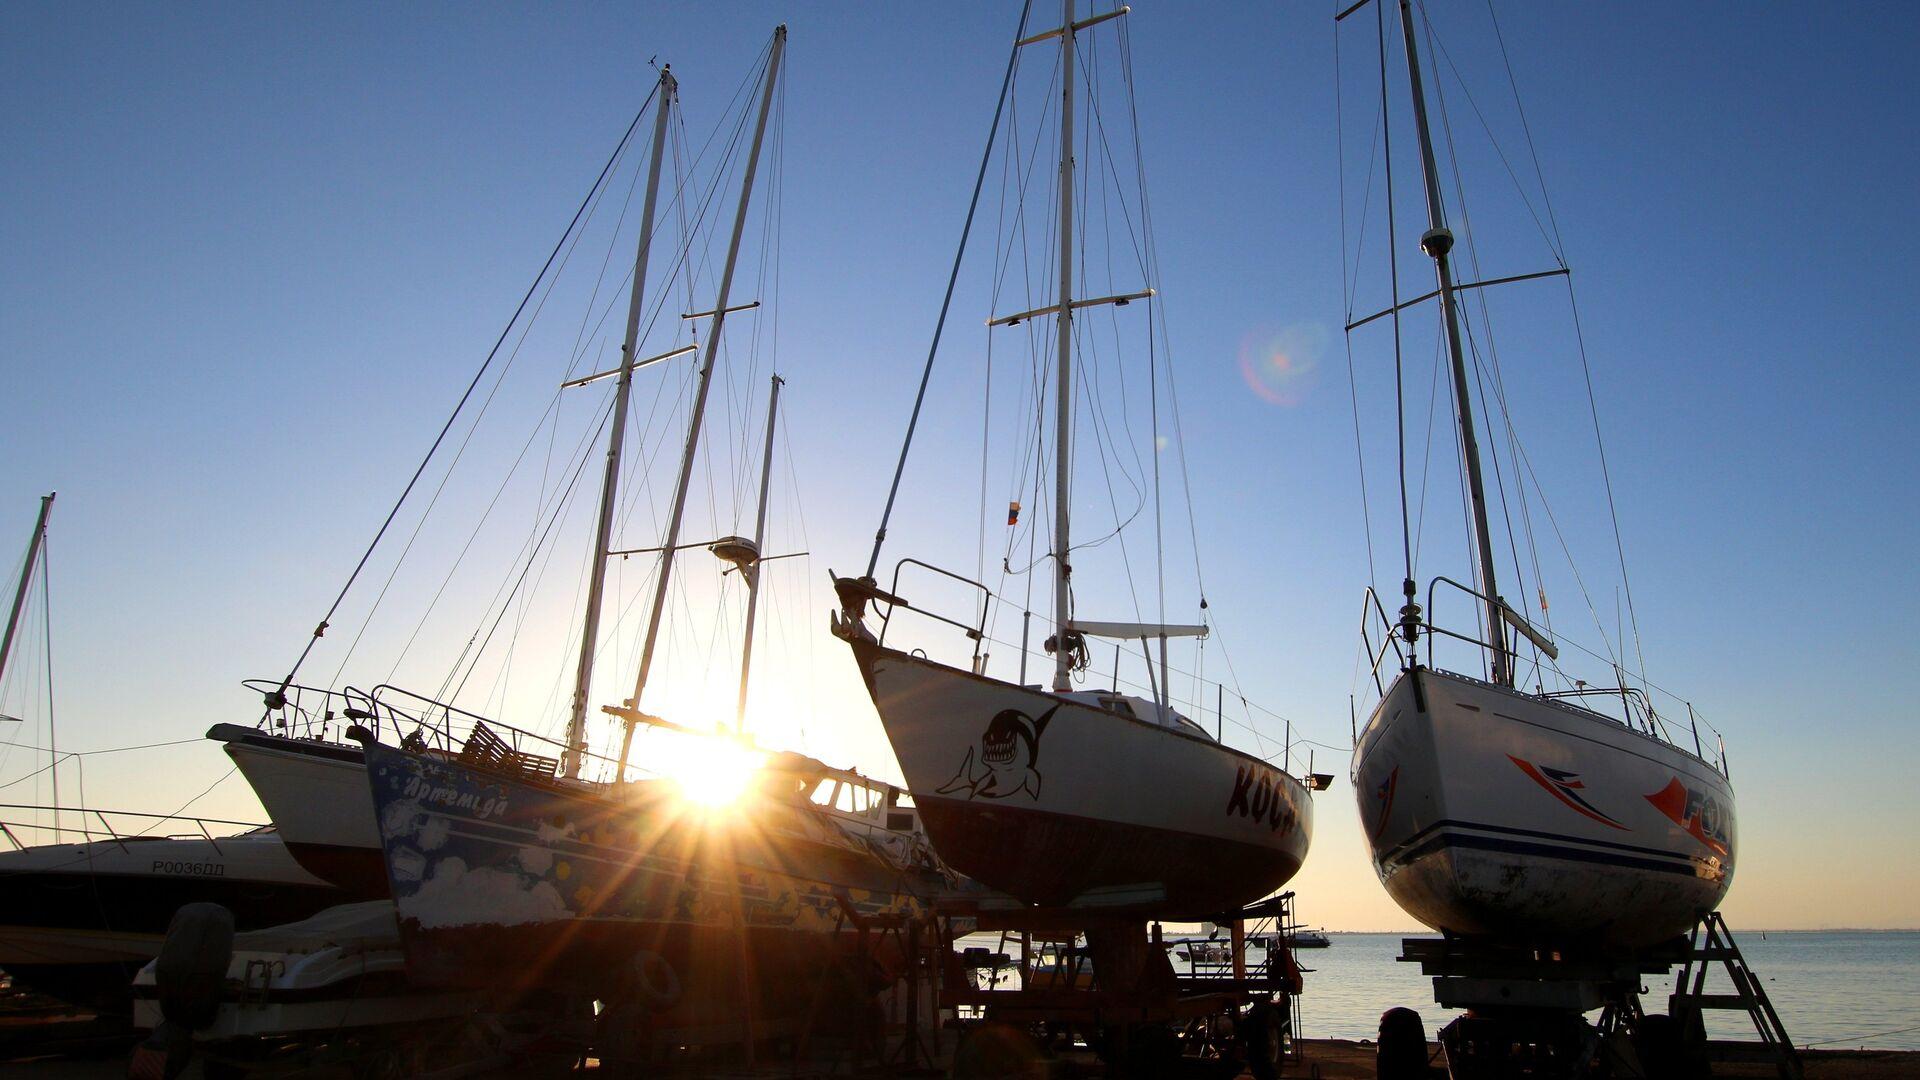 Сторожевые катера спасли яхты, терпящие бедствие в районе Сочи